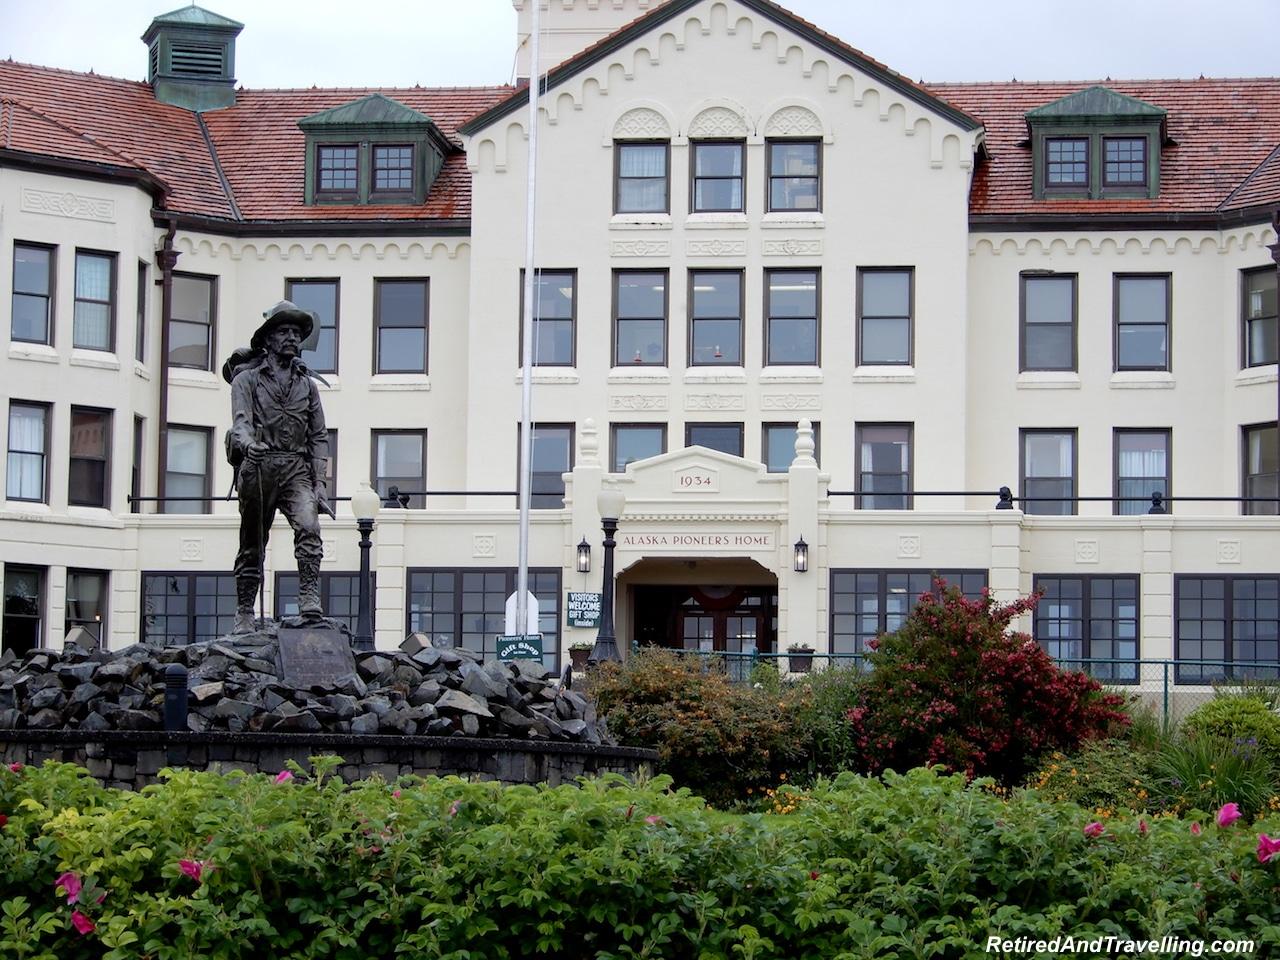 Pioneers Homeclose Sitka Town Sites - Visit Sitka in Alaska.jpg